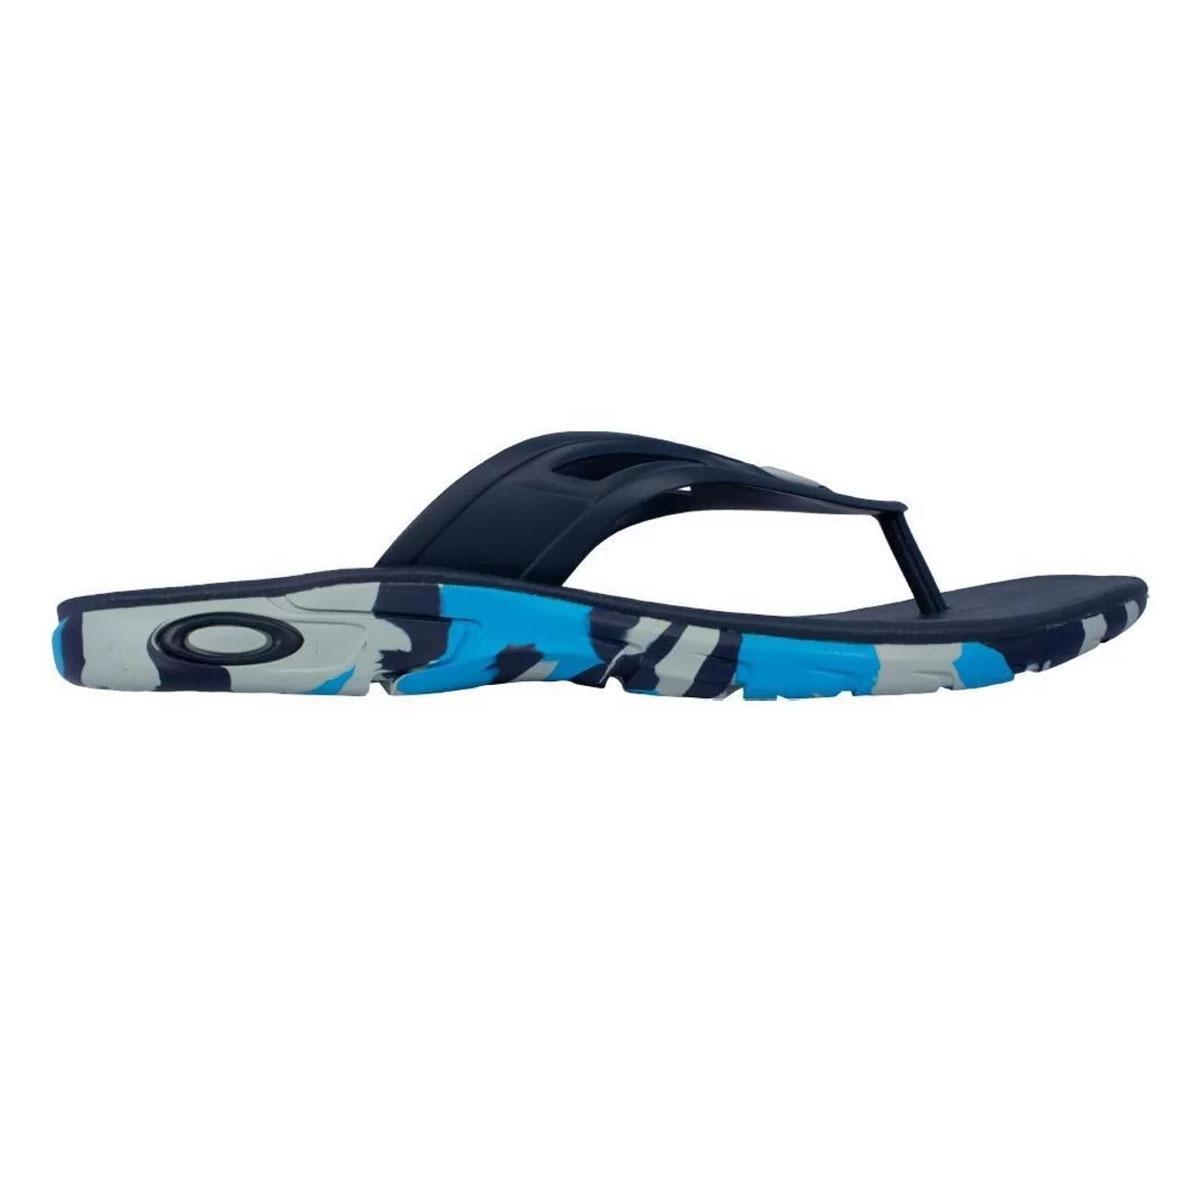 Chinelo Oakley Rest Camo Masculino Azul Camuflado